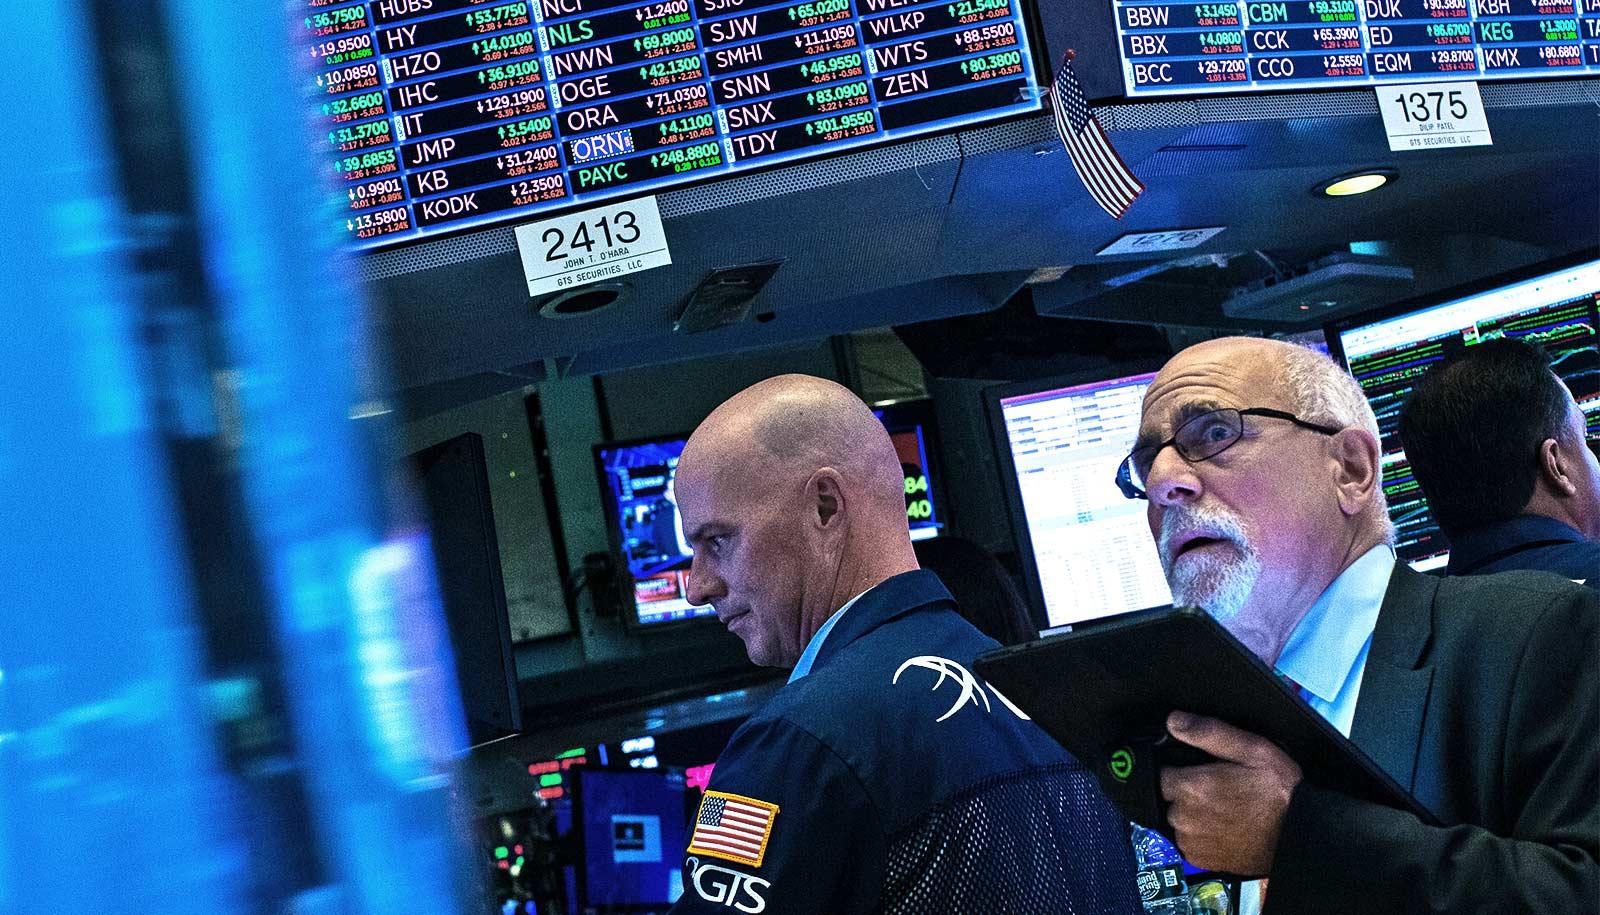 Talk of a U.S. recession may be 'premature'